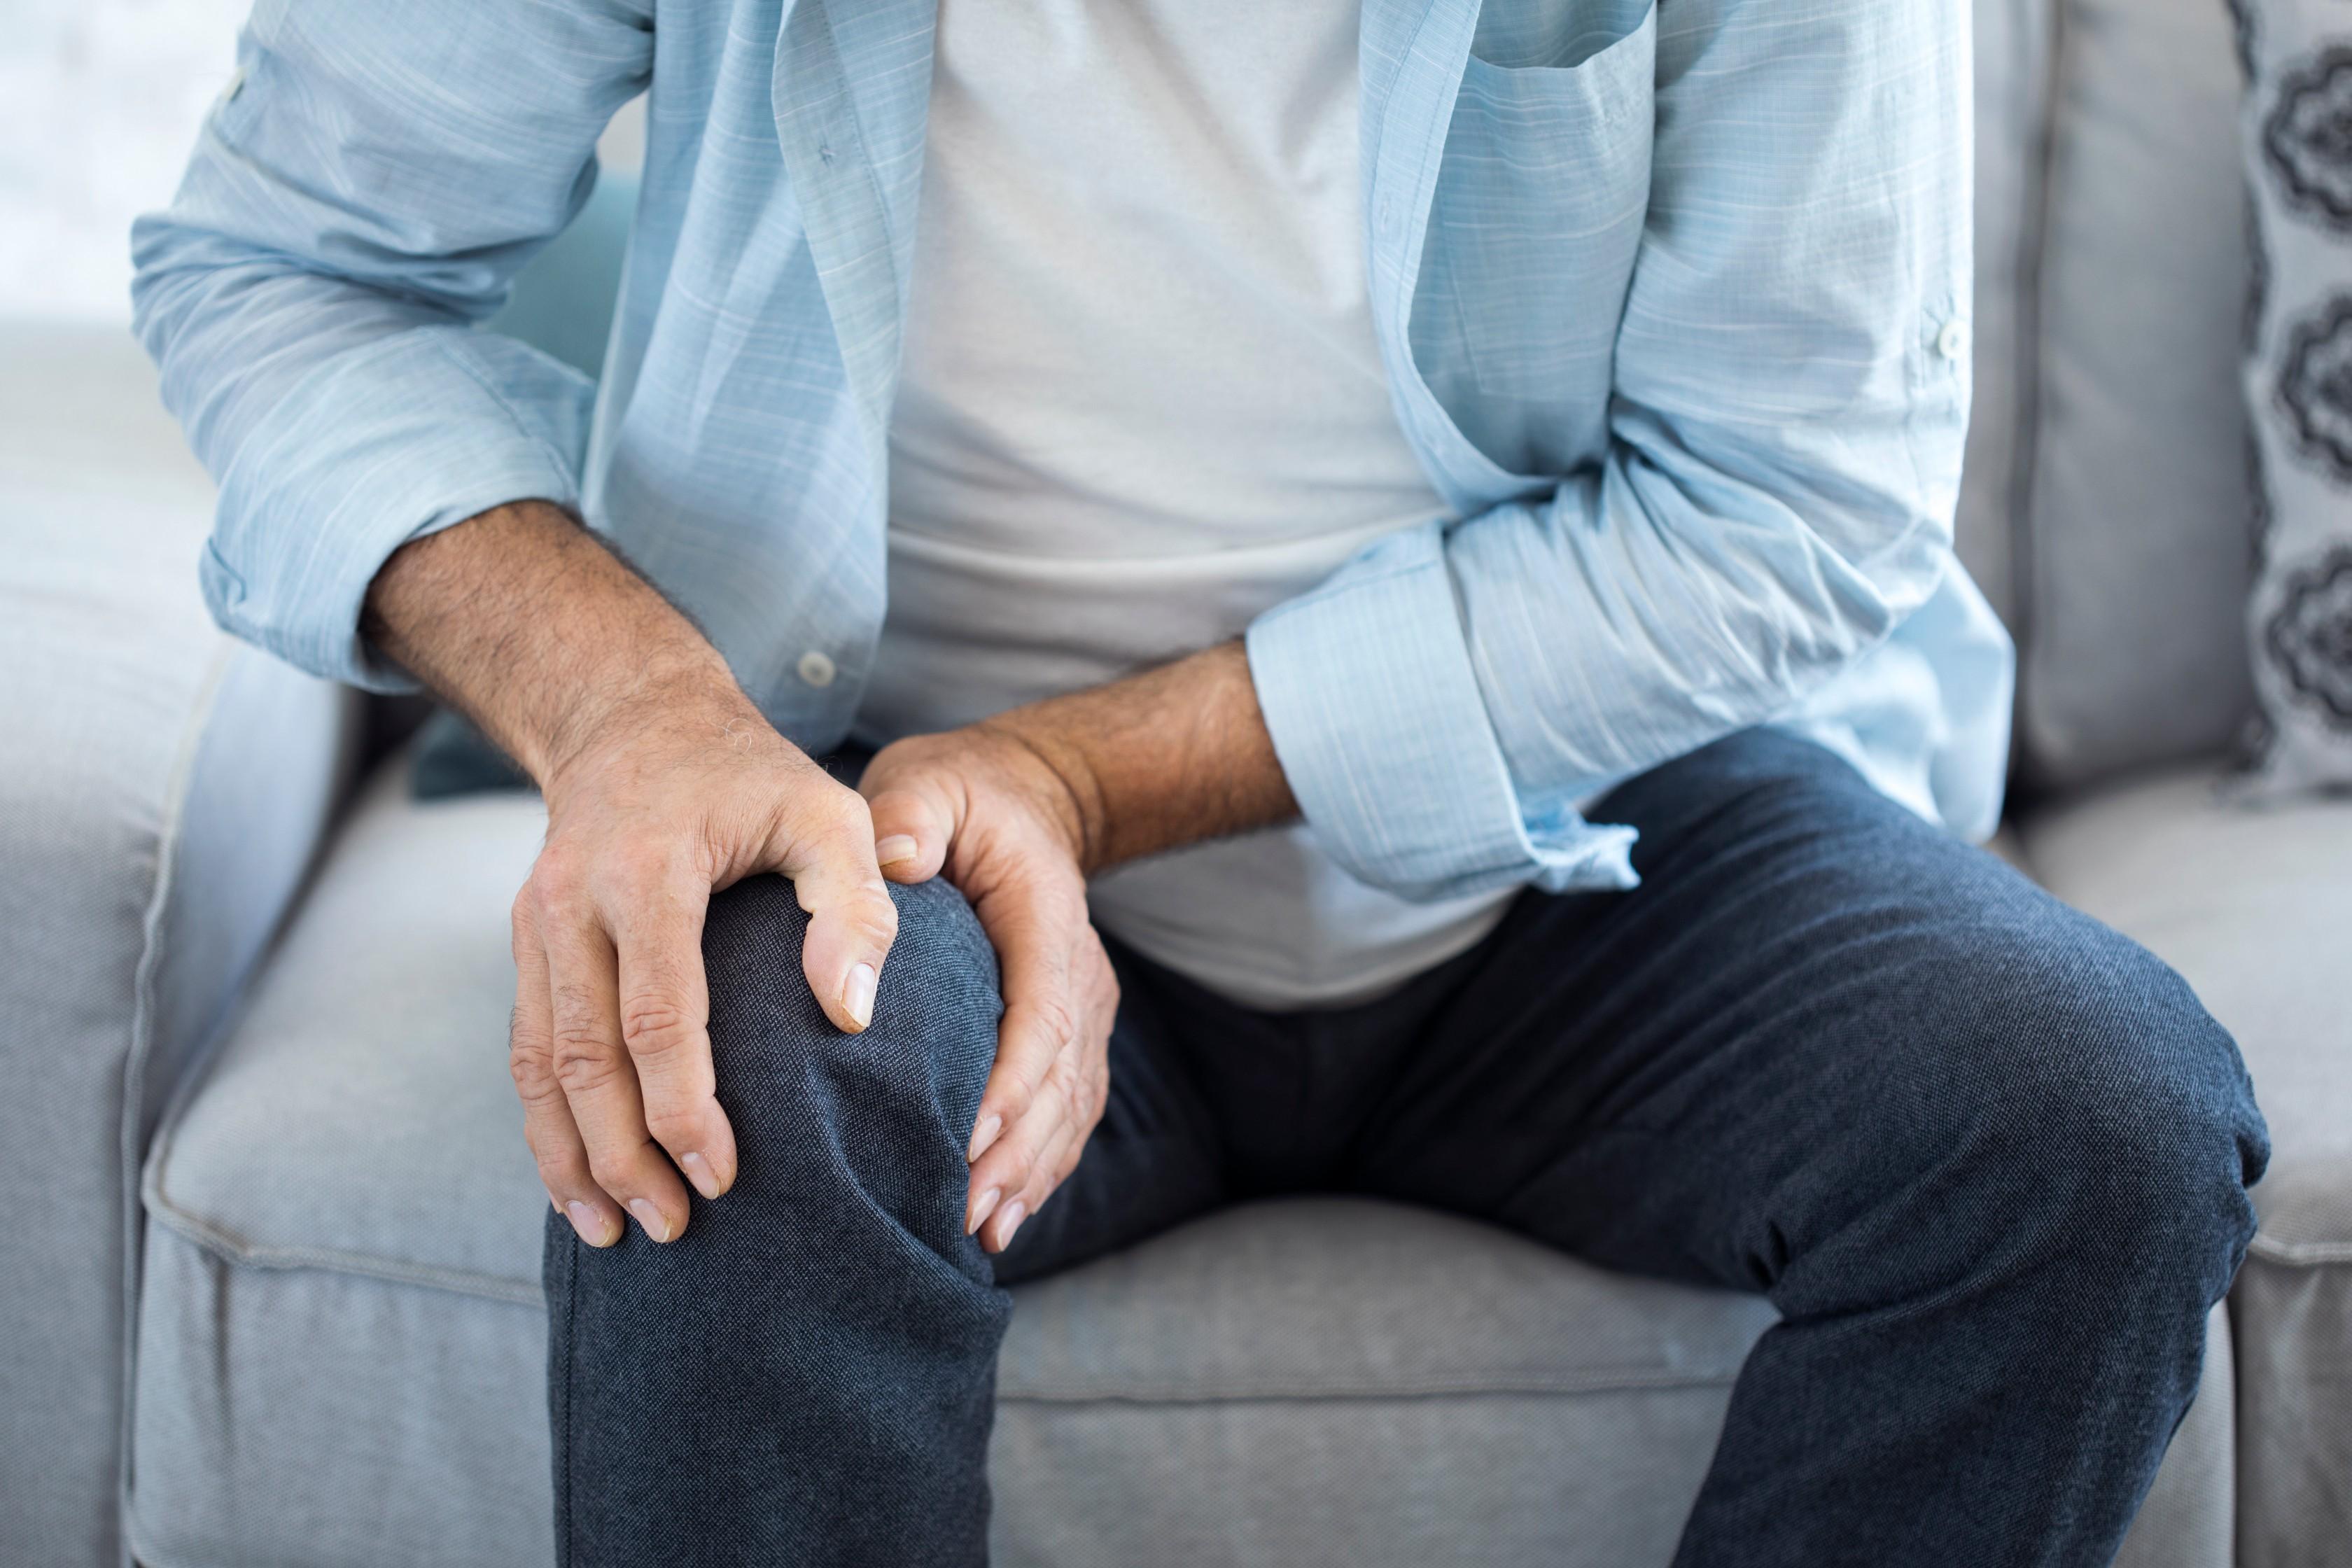 ízületi fájdalom a lábban felülről)